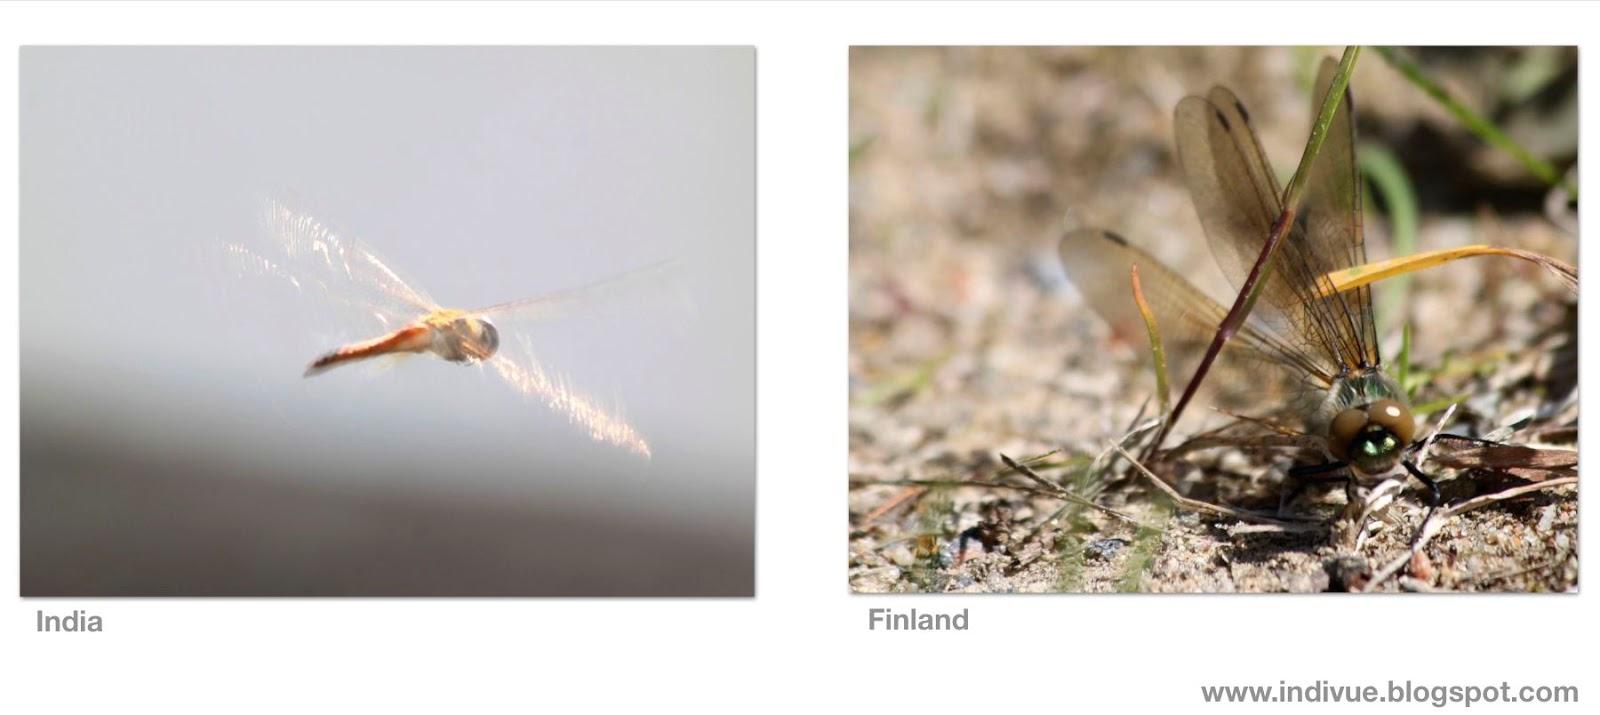 Suomalainen ja intialainen sudenkorento